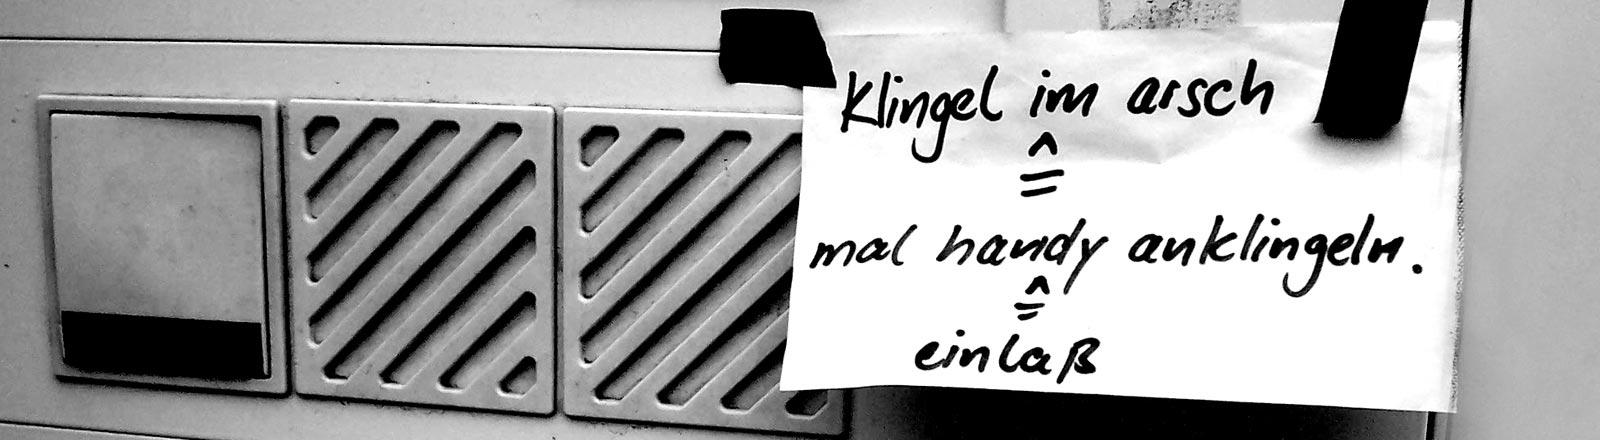 Ein Zettel, der an einer Haustüre befestigt ist und darauf aufmerksam macht, dass die Klingel nicht funktioniert.